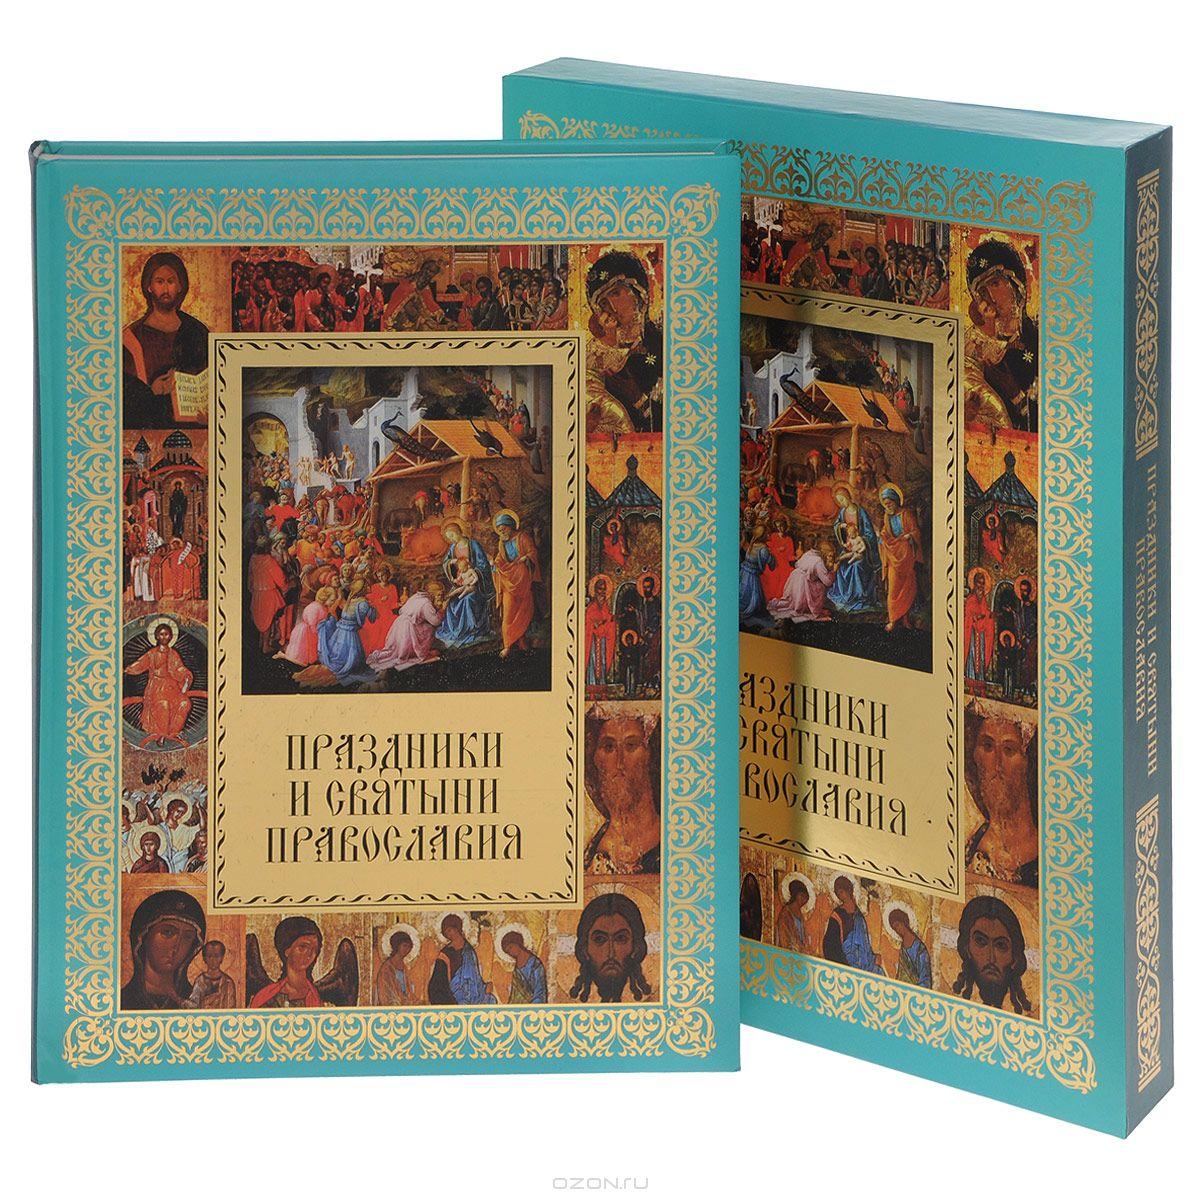 Елена Прокофьева Праздники и святыни православия (подарочное издание)